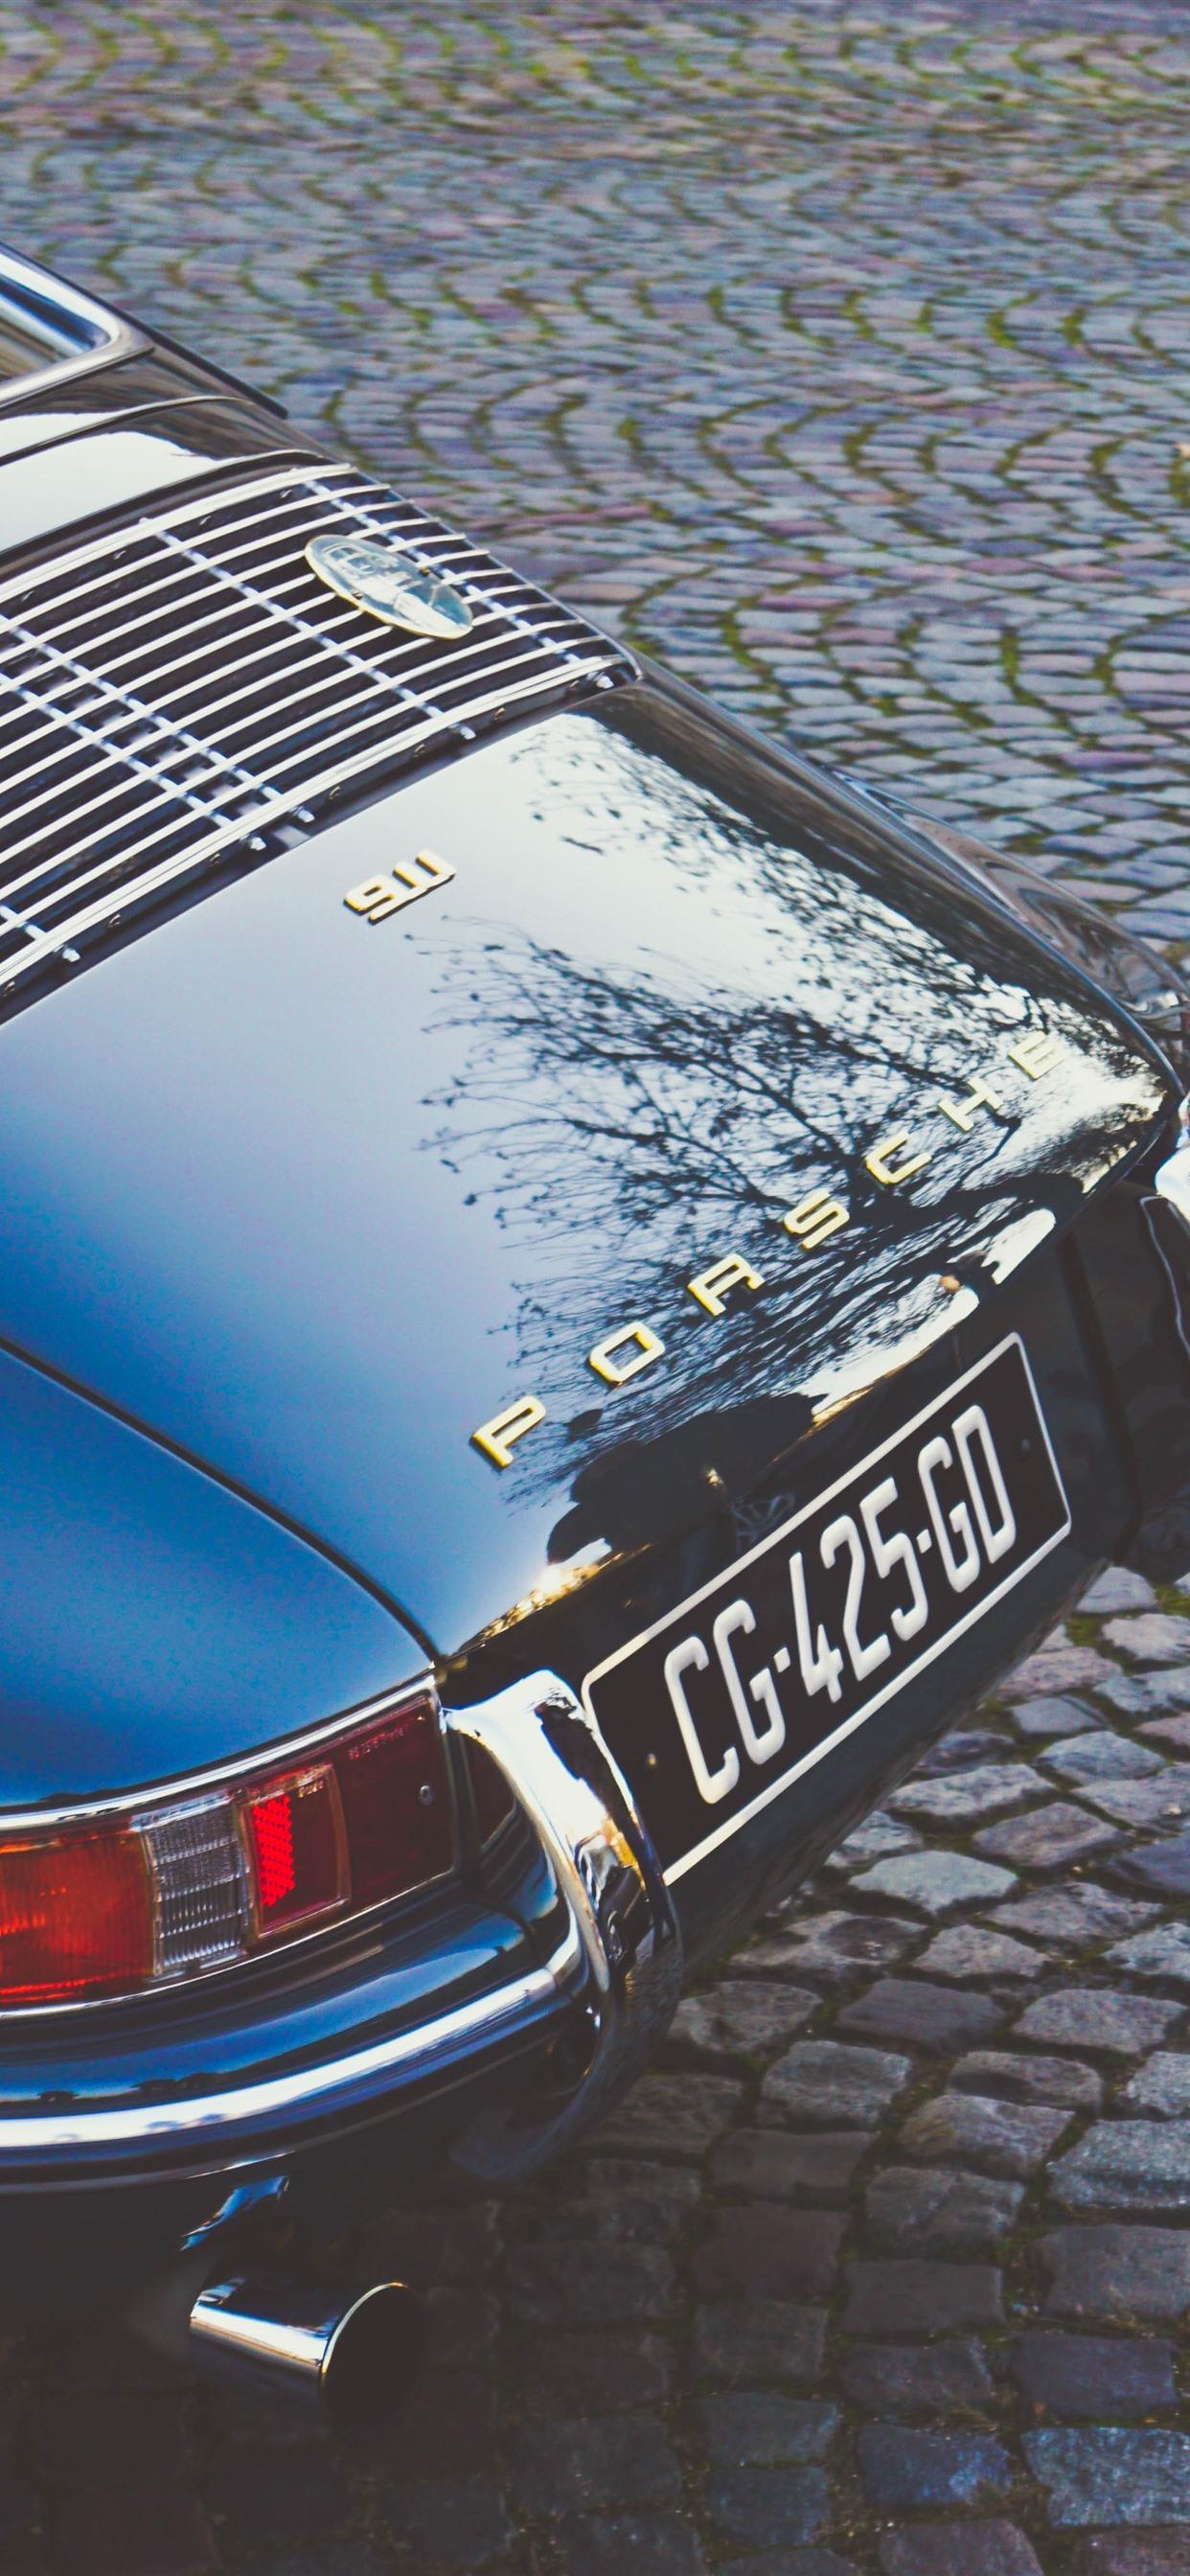 Porsche 911 supercar rear view